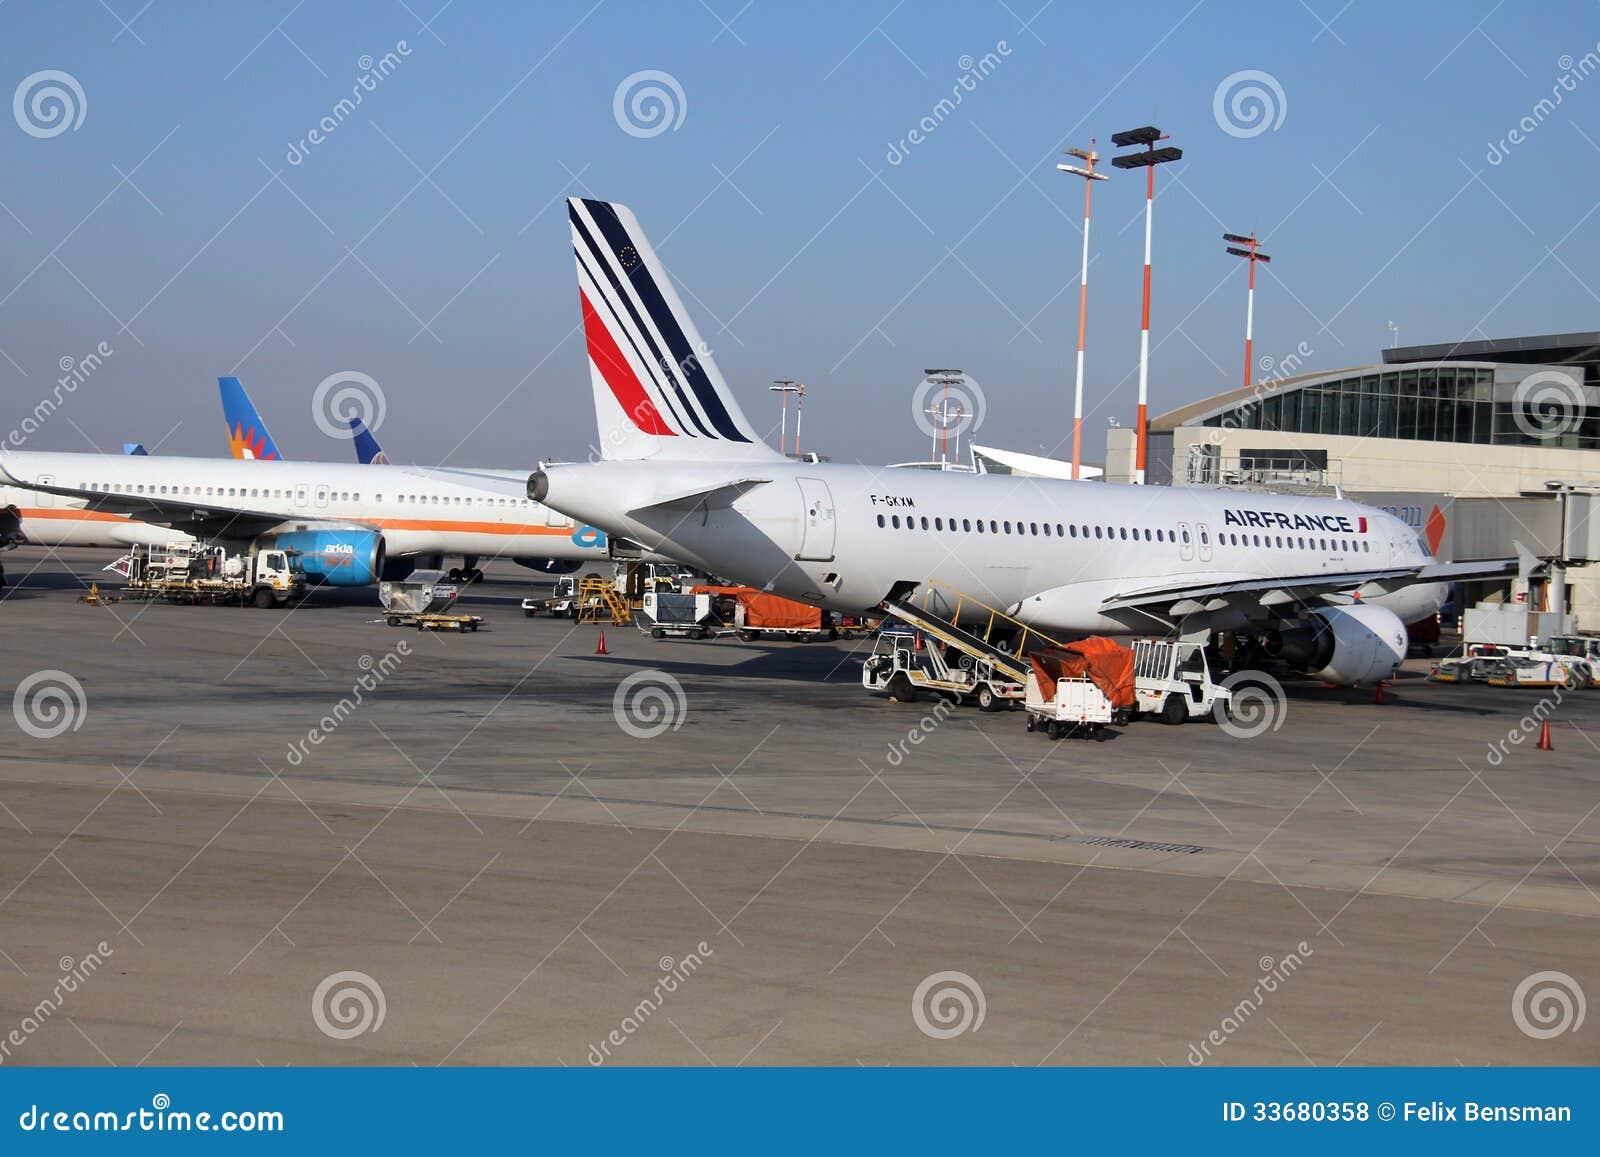 Аэропорты израиля для международных